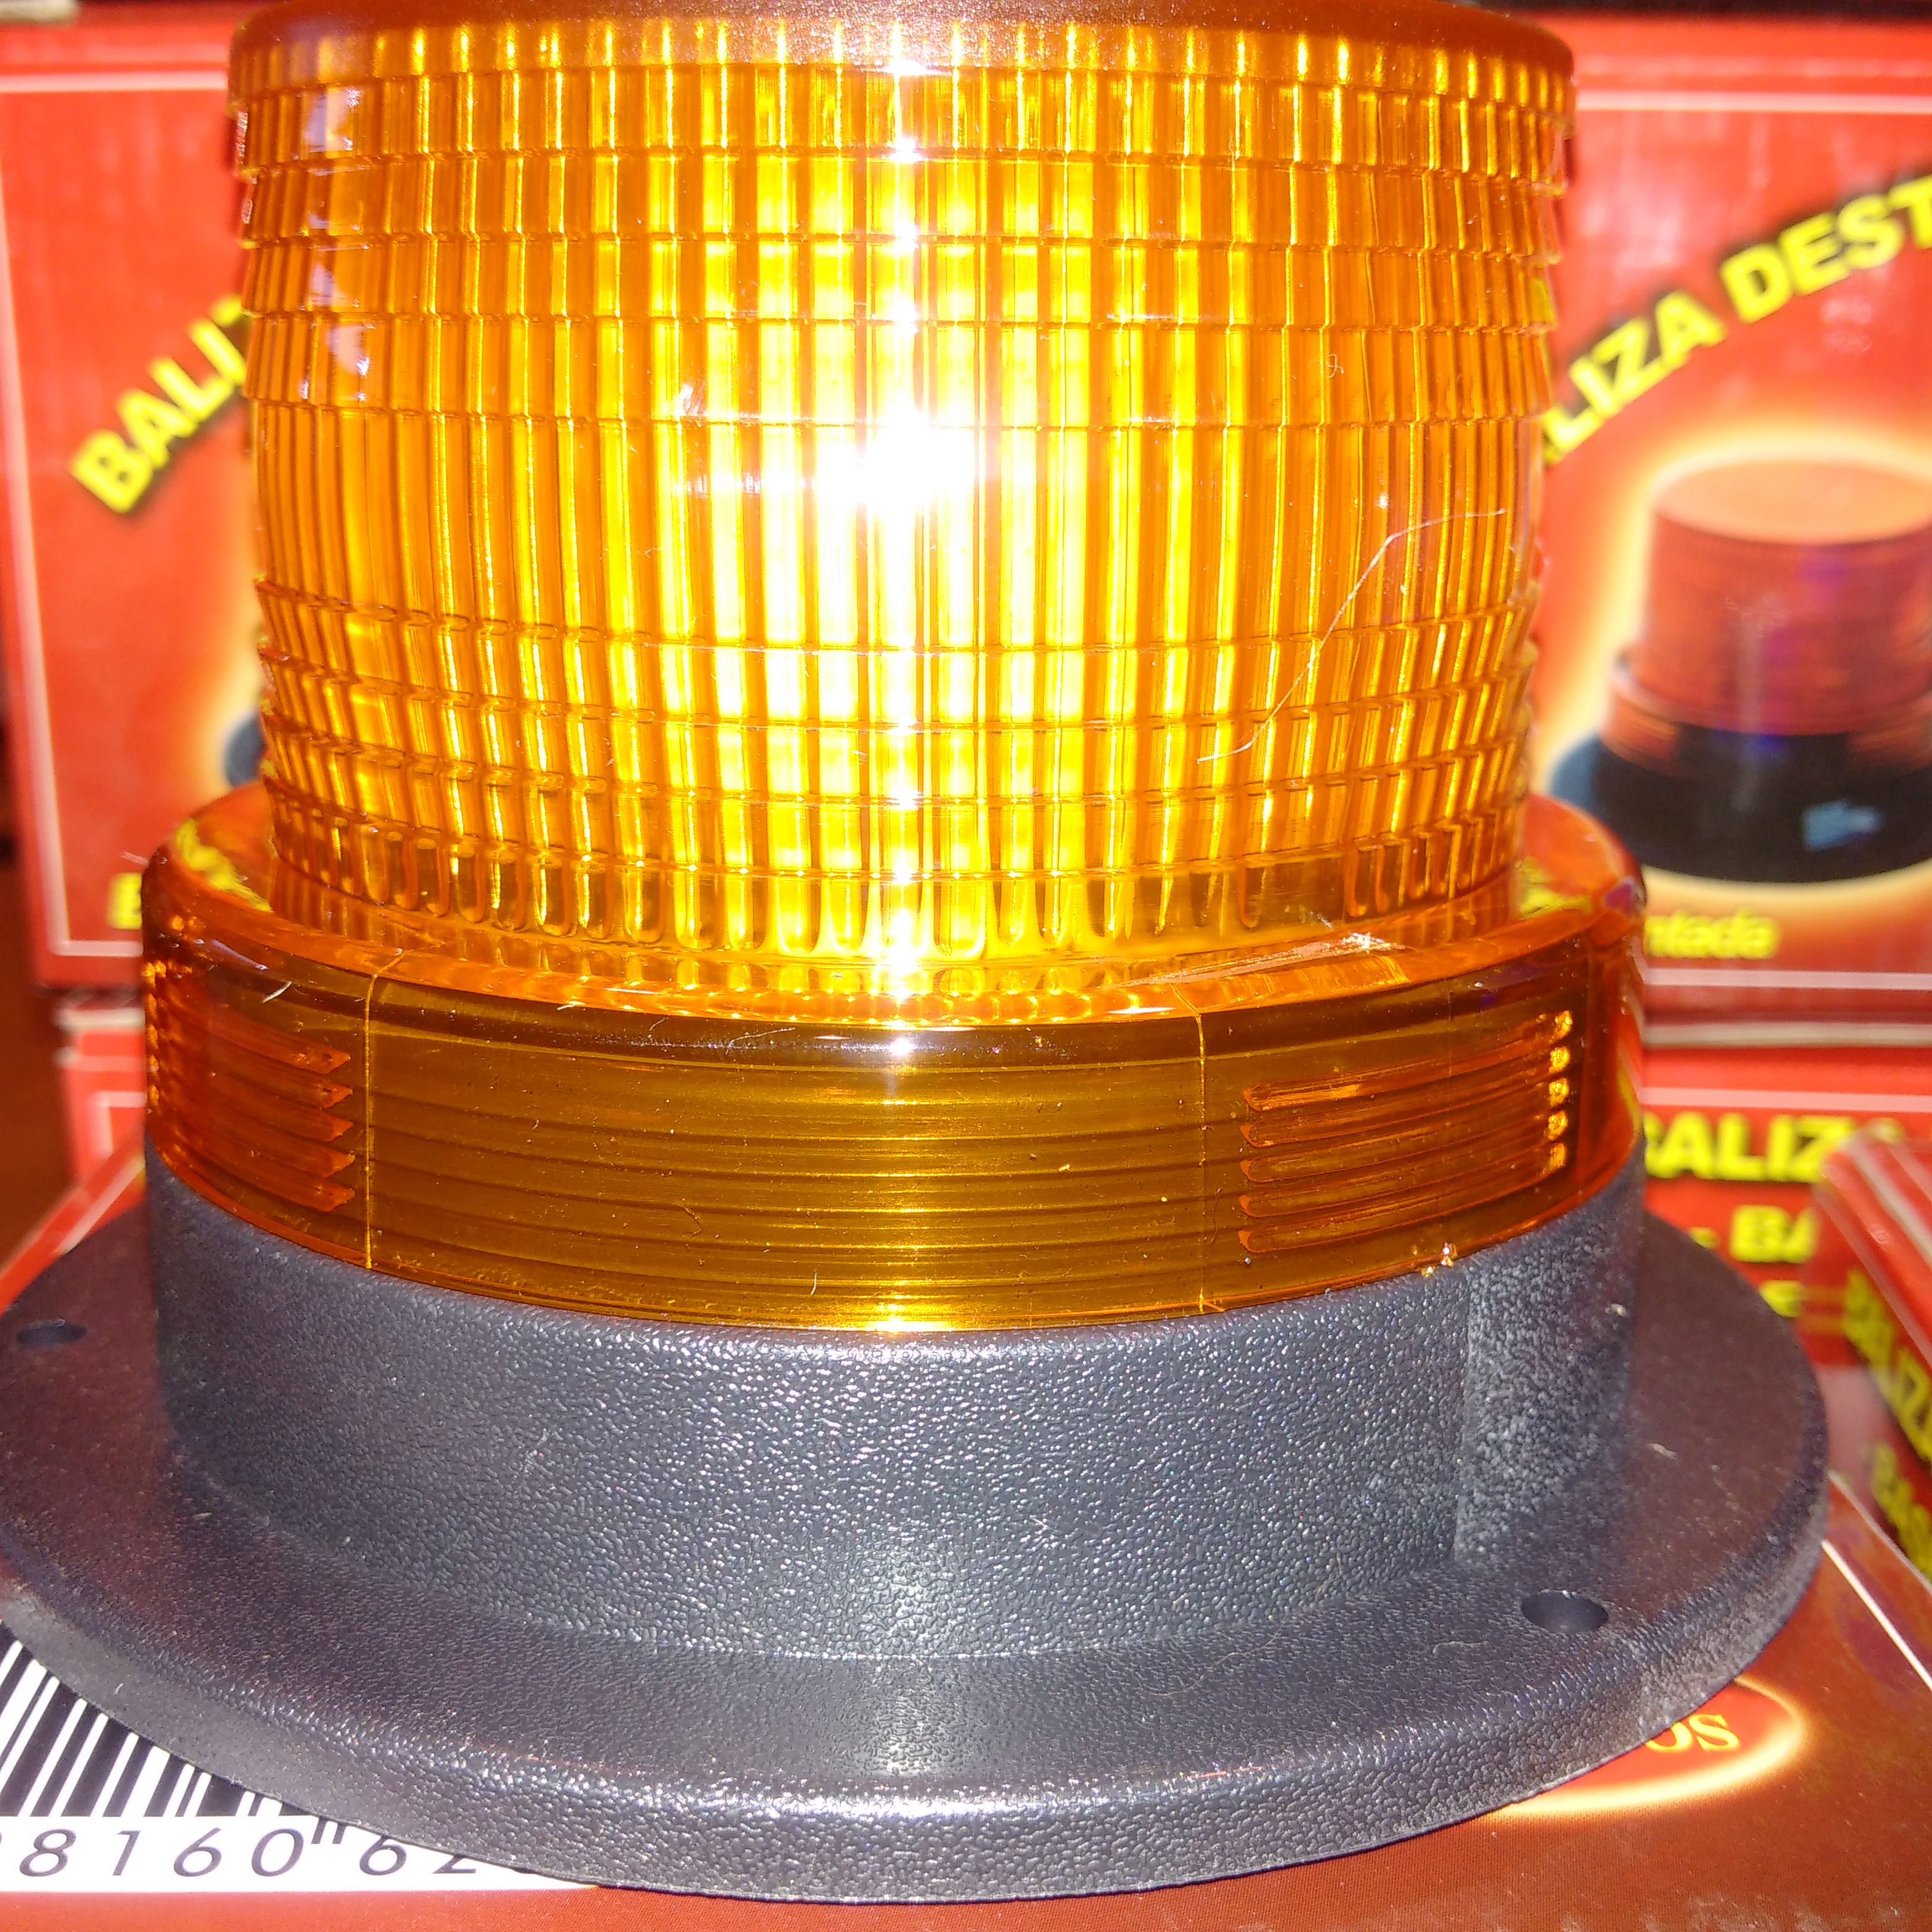 Baliza Base Imantada Colores Varios 12v Efectos Intermitentes Comprala Hoy Mismo En Solar Y Eolica Srl O Por Medio Del Siguien Novelty Lamp Table Lamp Lamp